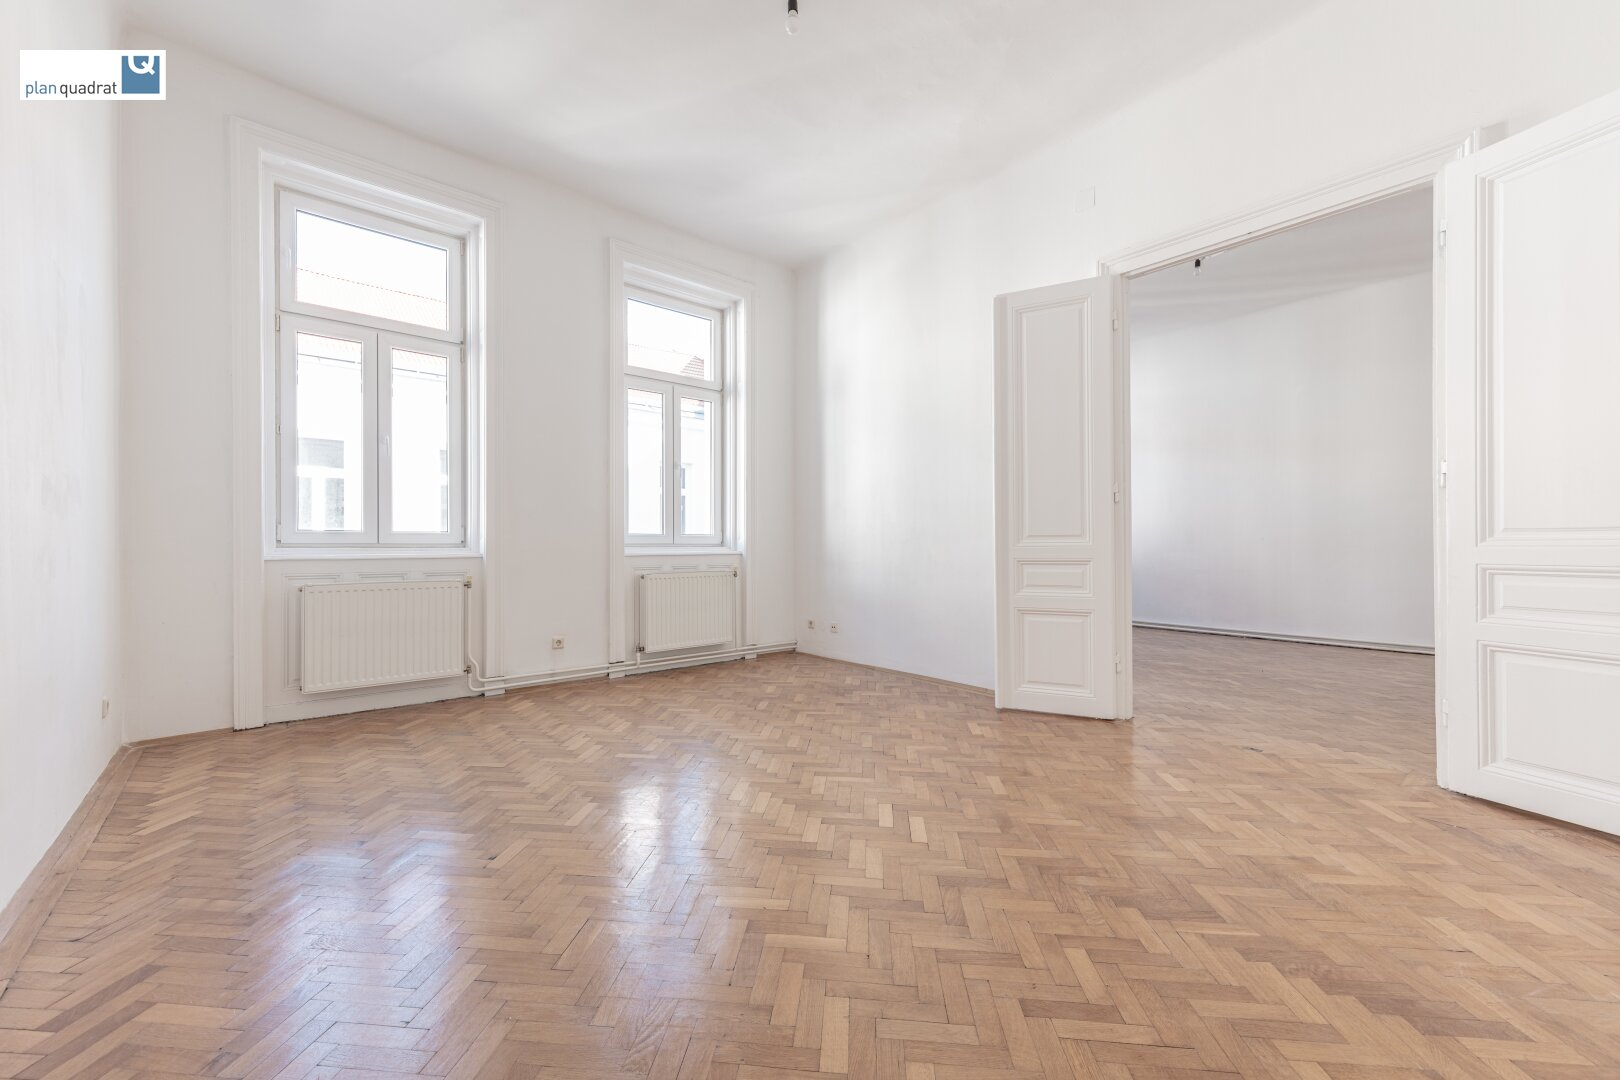 Zimmer 4 (gem. Wohnungsgrundriss)